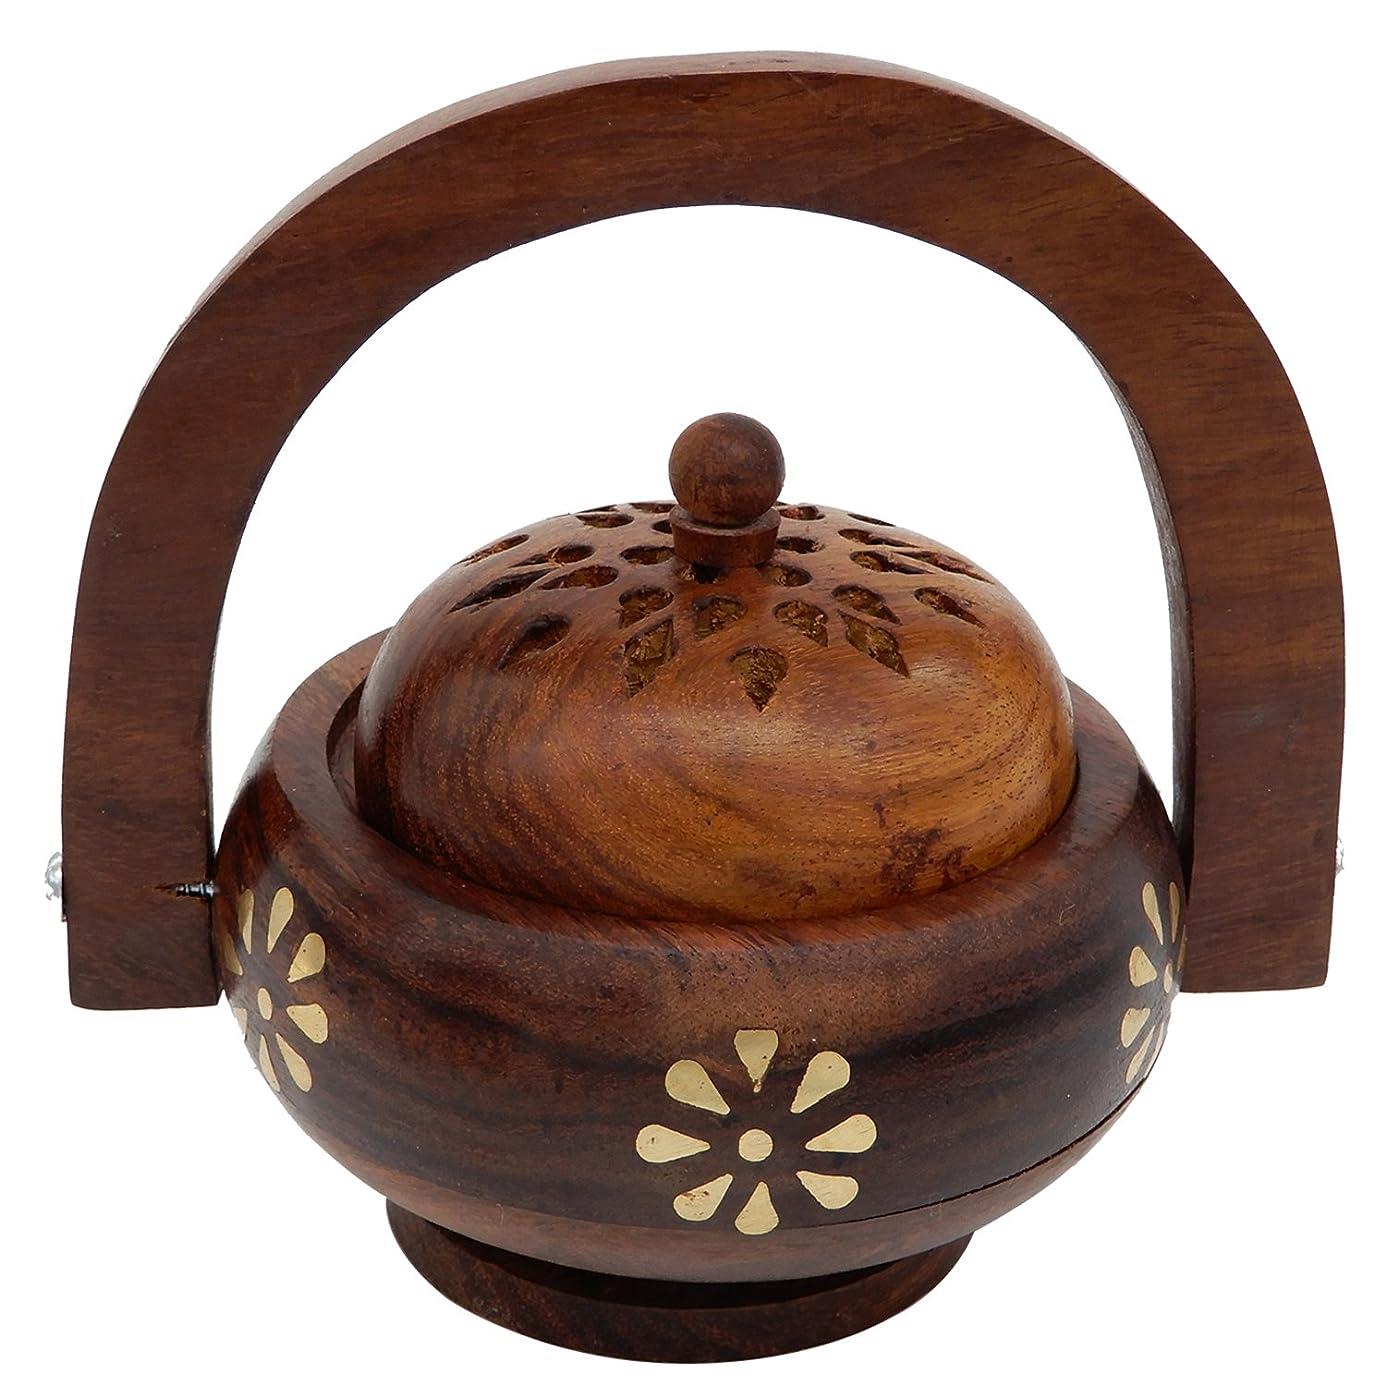 なにサワー政府Womens Day Special Gift,Wooden Incense Burner, Charcoal Burner with Handle With Brass Inlay